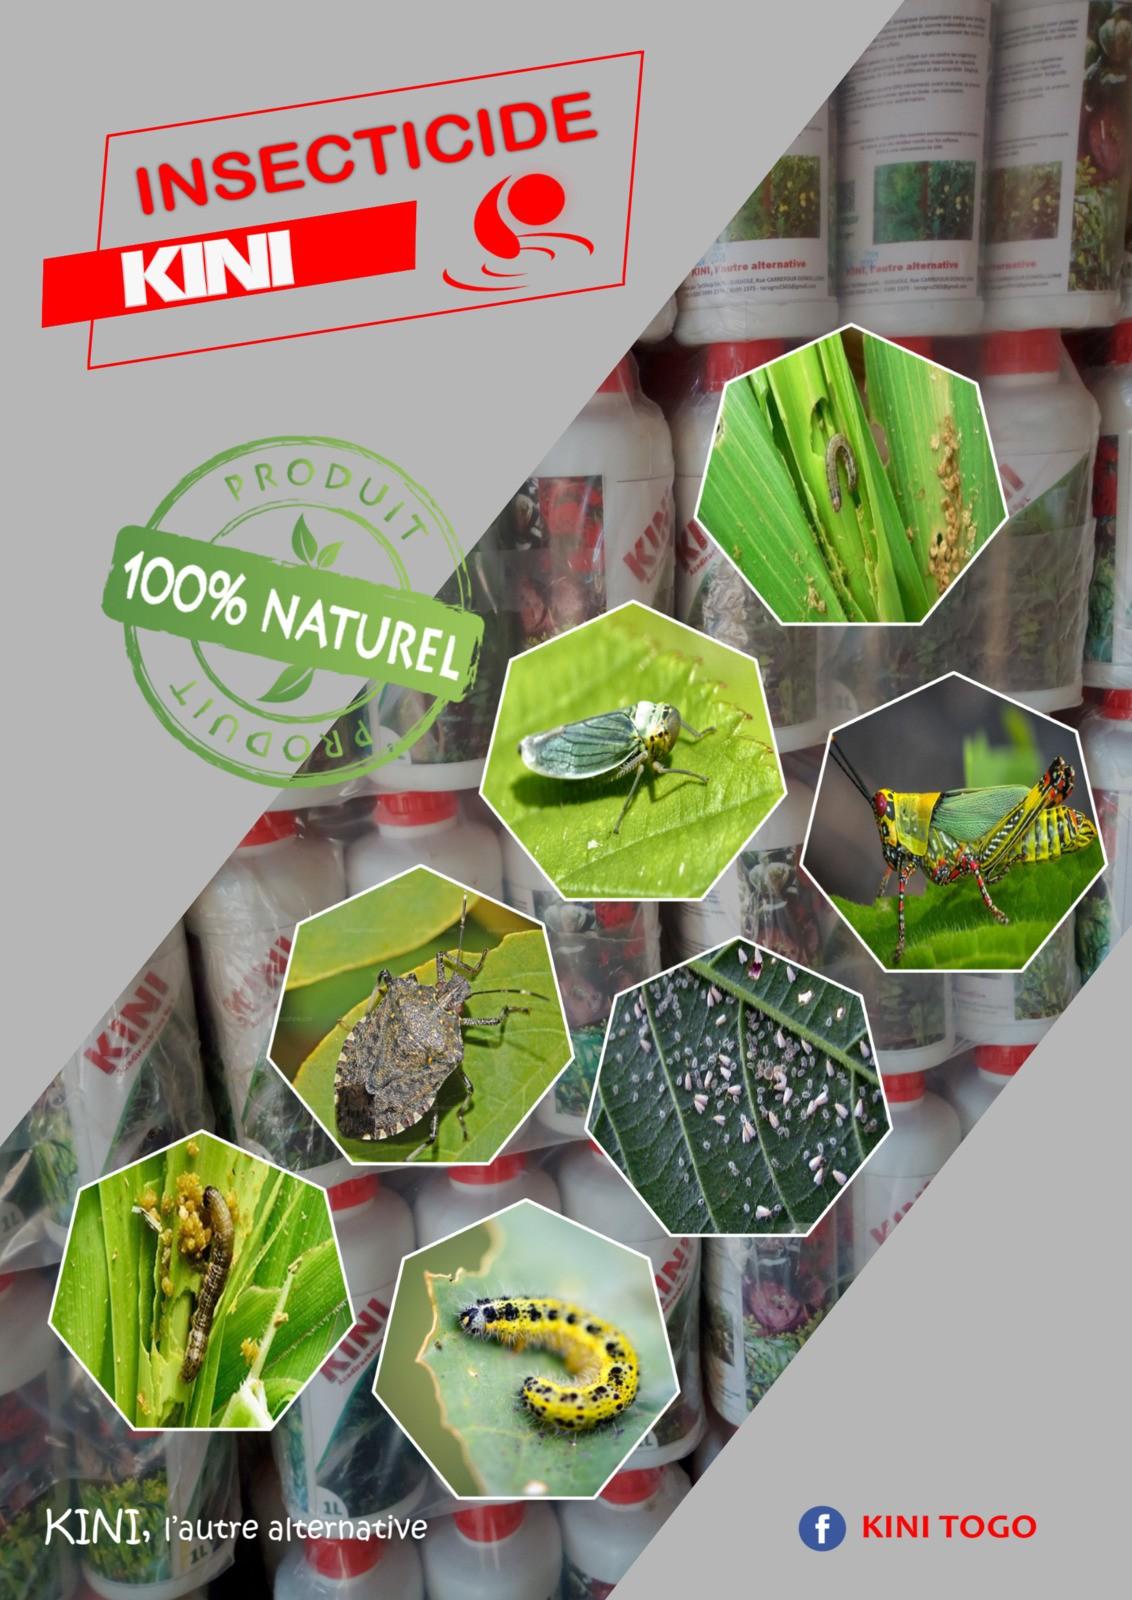 Togo : Razak Adjei change le neem en insecticide pour sauver les cultures